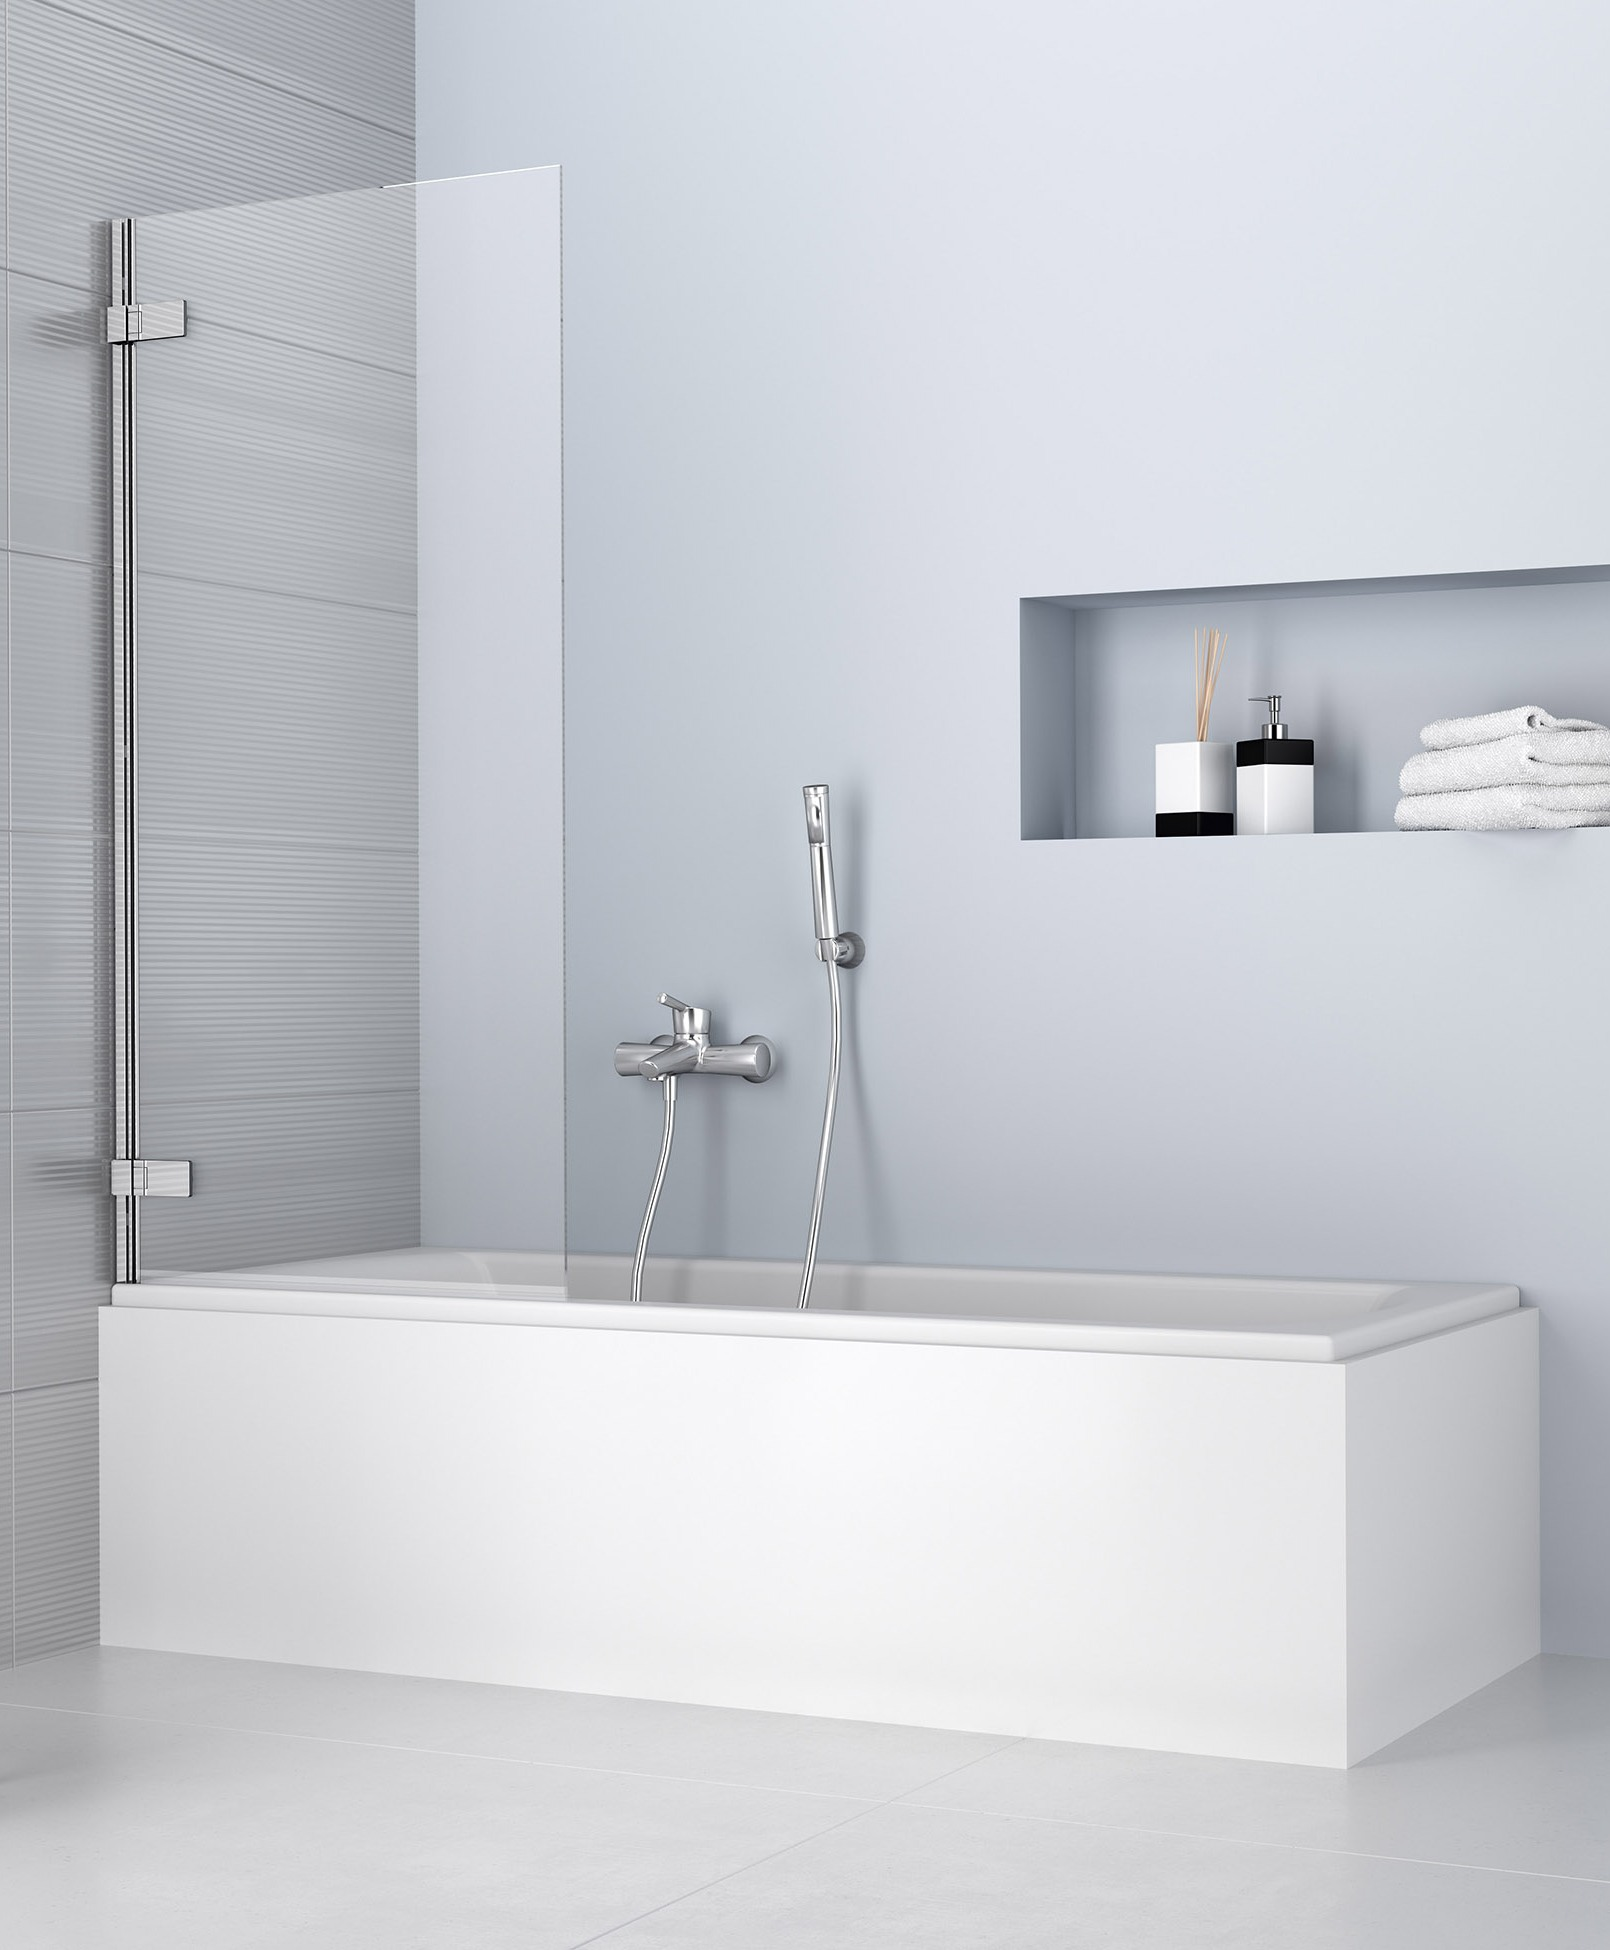 Стеклянная шторка в ванной в белых тонах